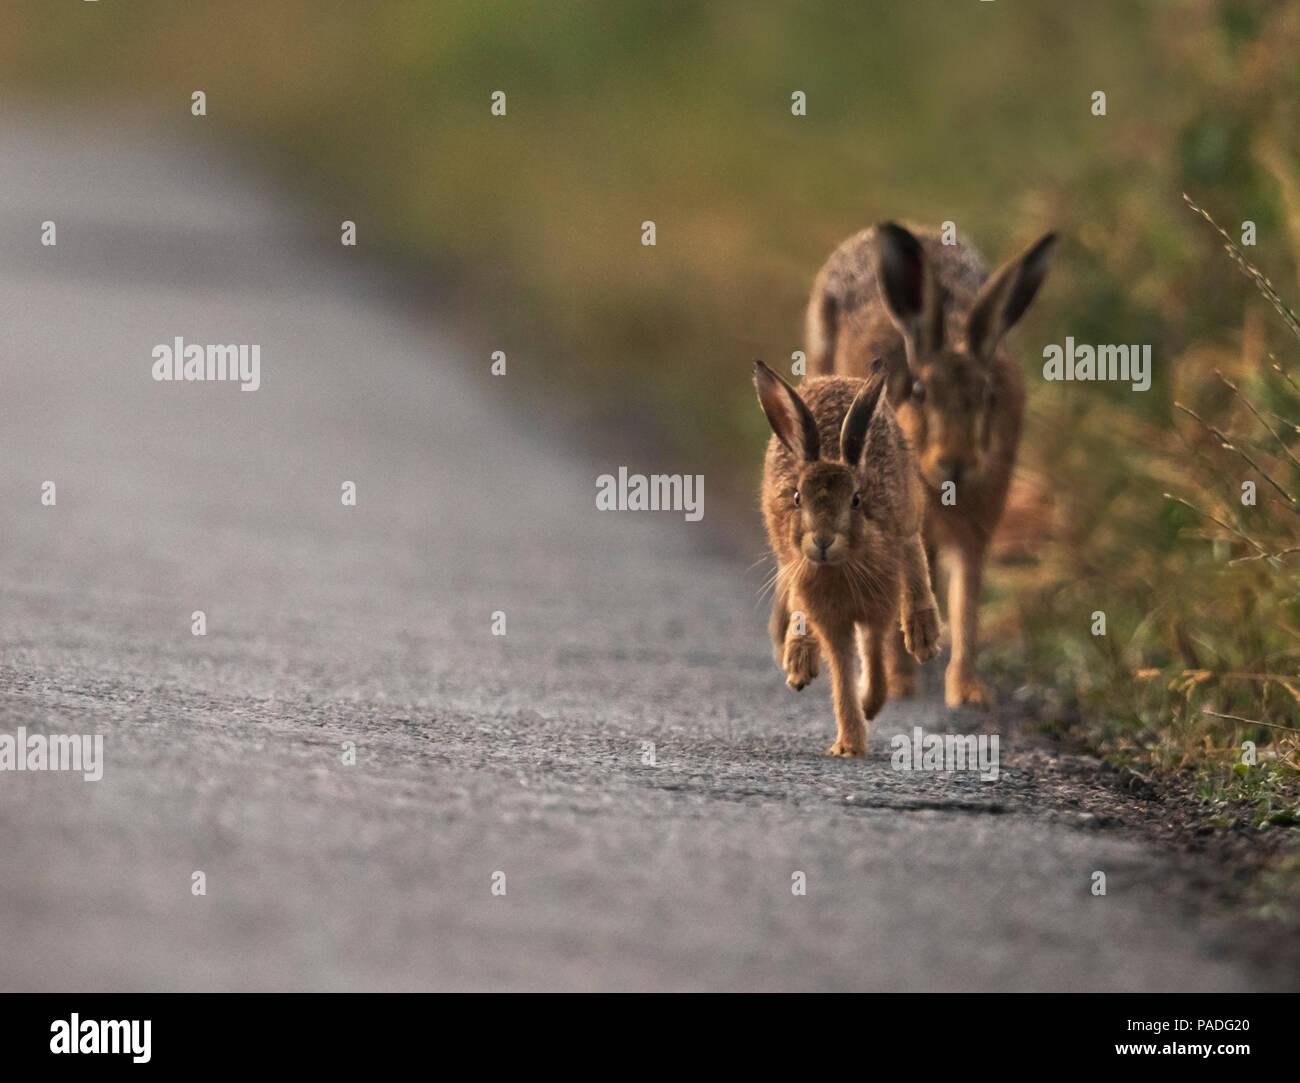 Il donne un leveret brown la mère de lièvre (Lepus europaeus) le runaround sur une route de campagne déserte, Gloucestershire Photo Stock